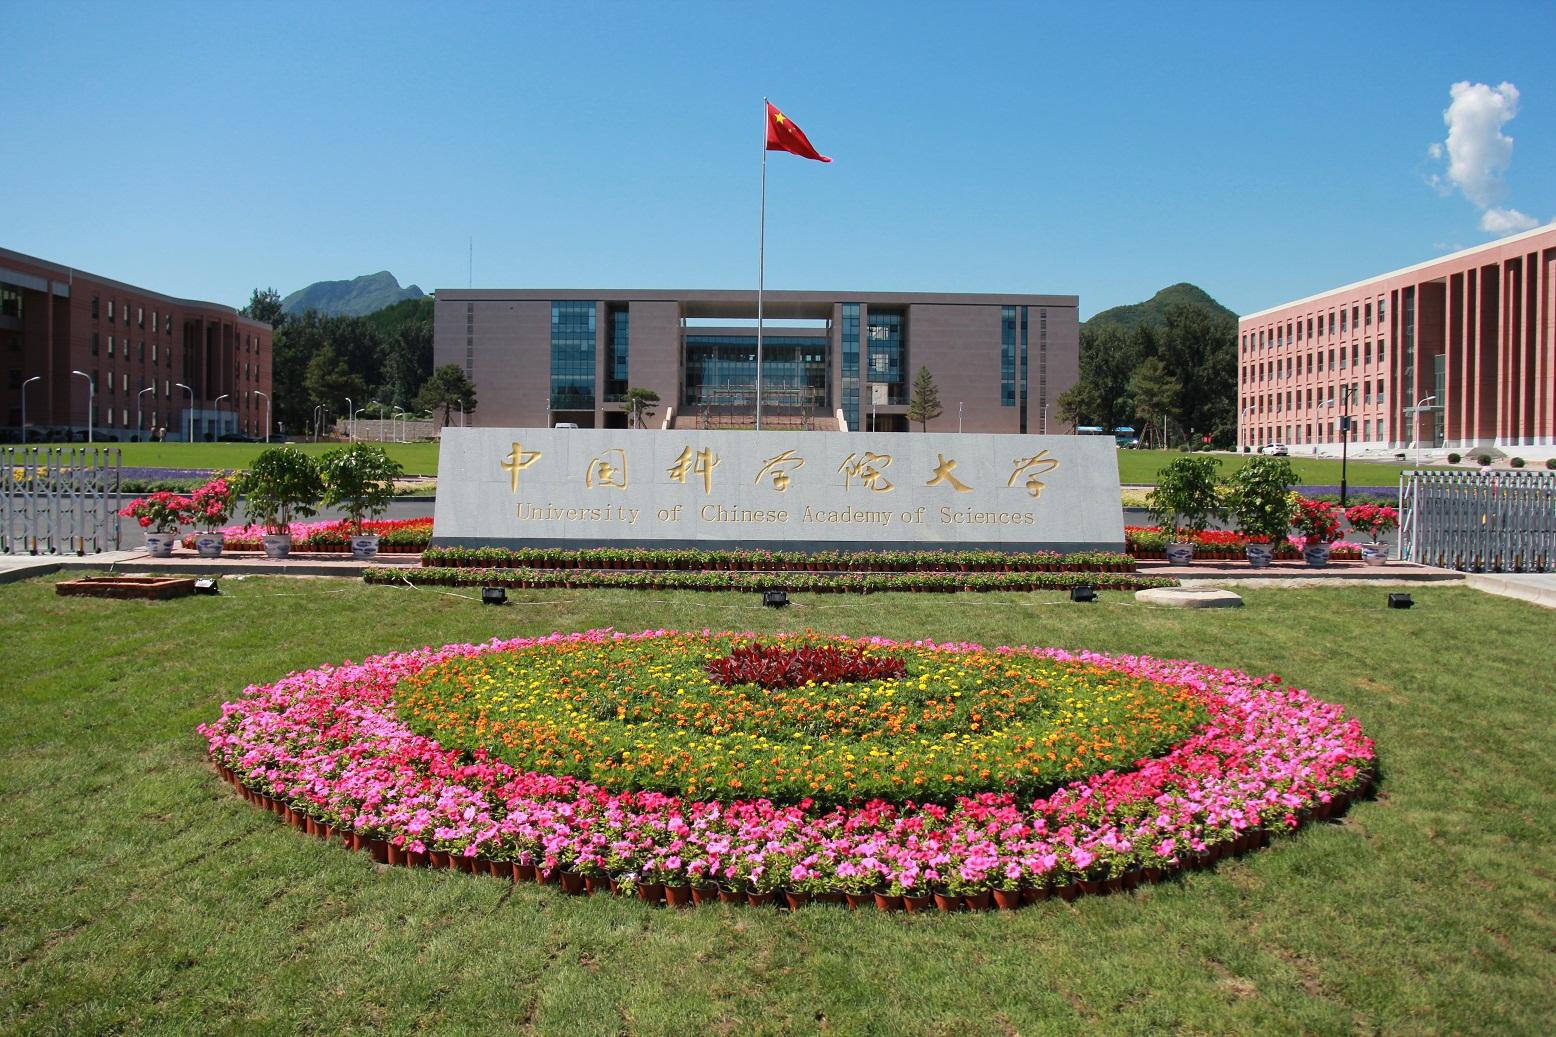 其本身在学业高中的桂阳高中v学业水平,称之为是国内最难考的大学时期成绩东塔图片